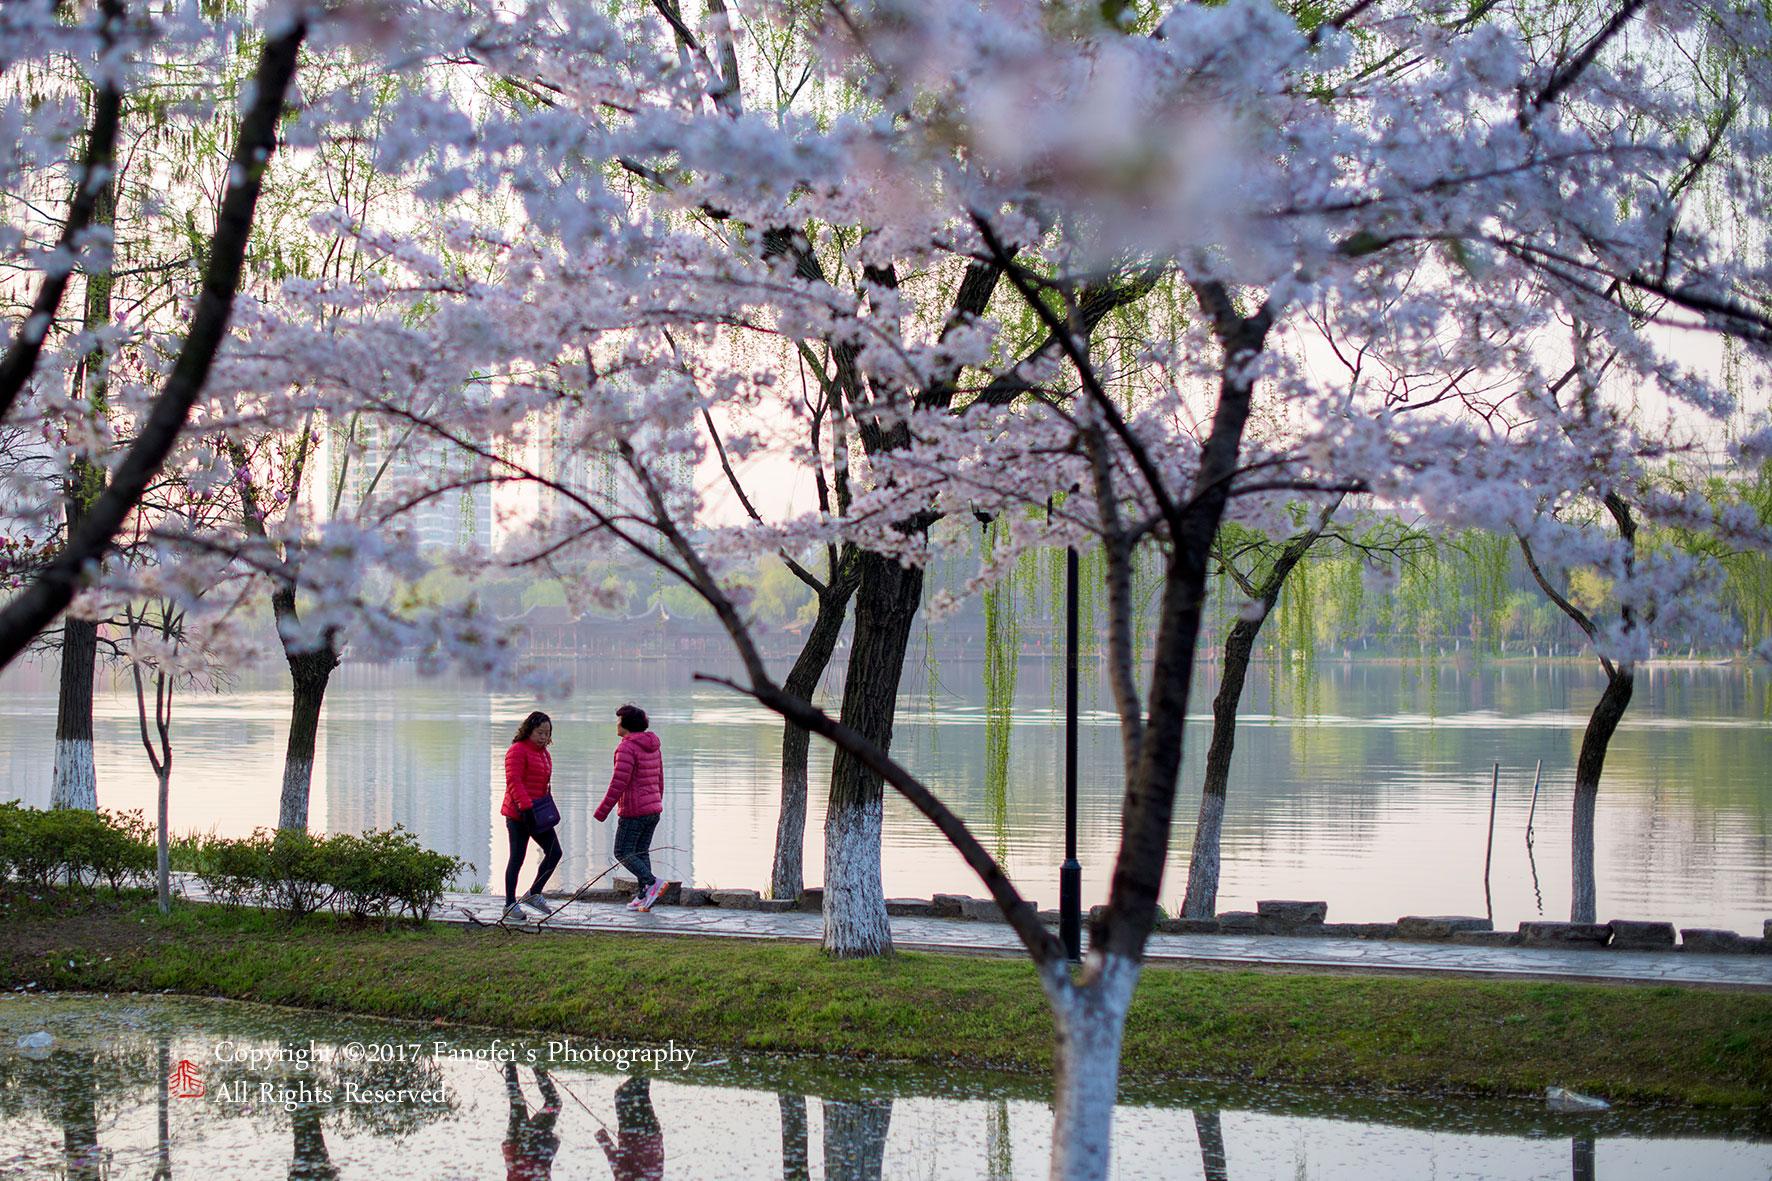 原标题:南京莫愁湖公园,春天的清晨美景如画 春天,总是在不经意间就来到了我们面前。  柳树们垂着头,条条柳枝上长满了又绿又黄的叶子。用手轻抚一下,柔柔软软的,舒服极了。  初升的阳光,三月的翦翦春风拂面,暖暖的撩拨着春心萌动,